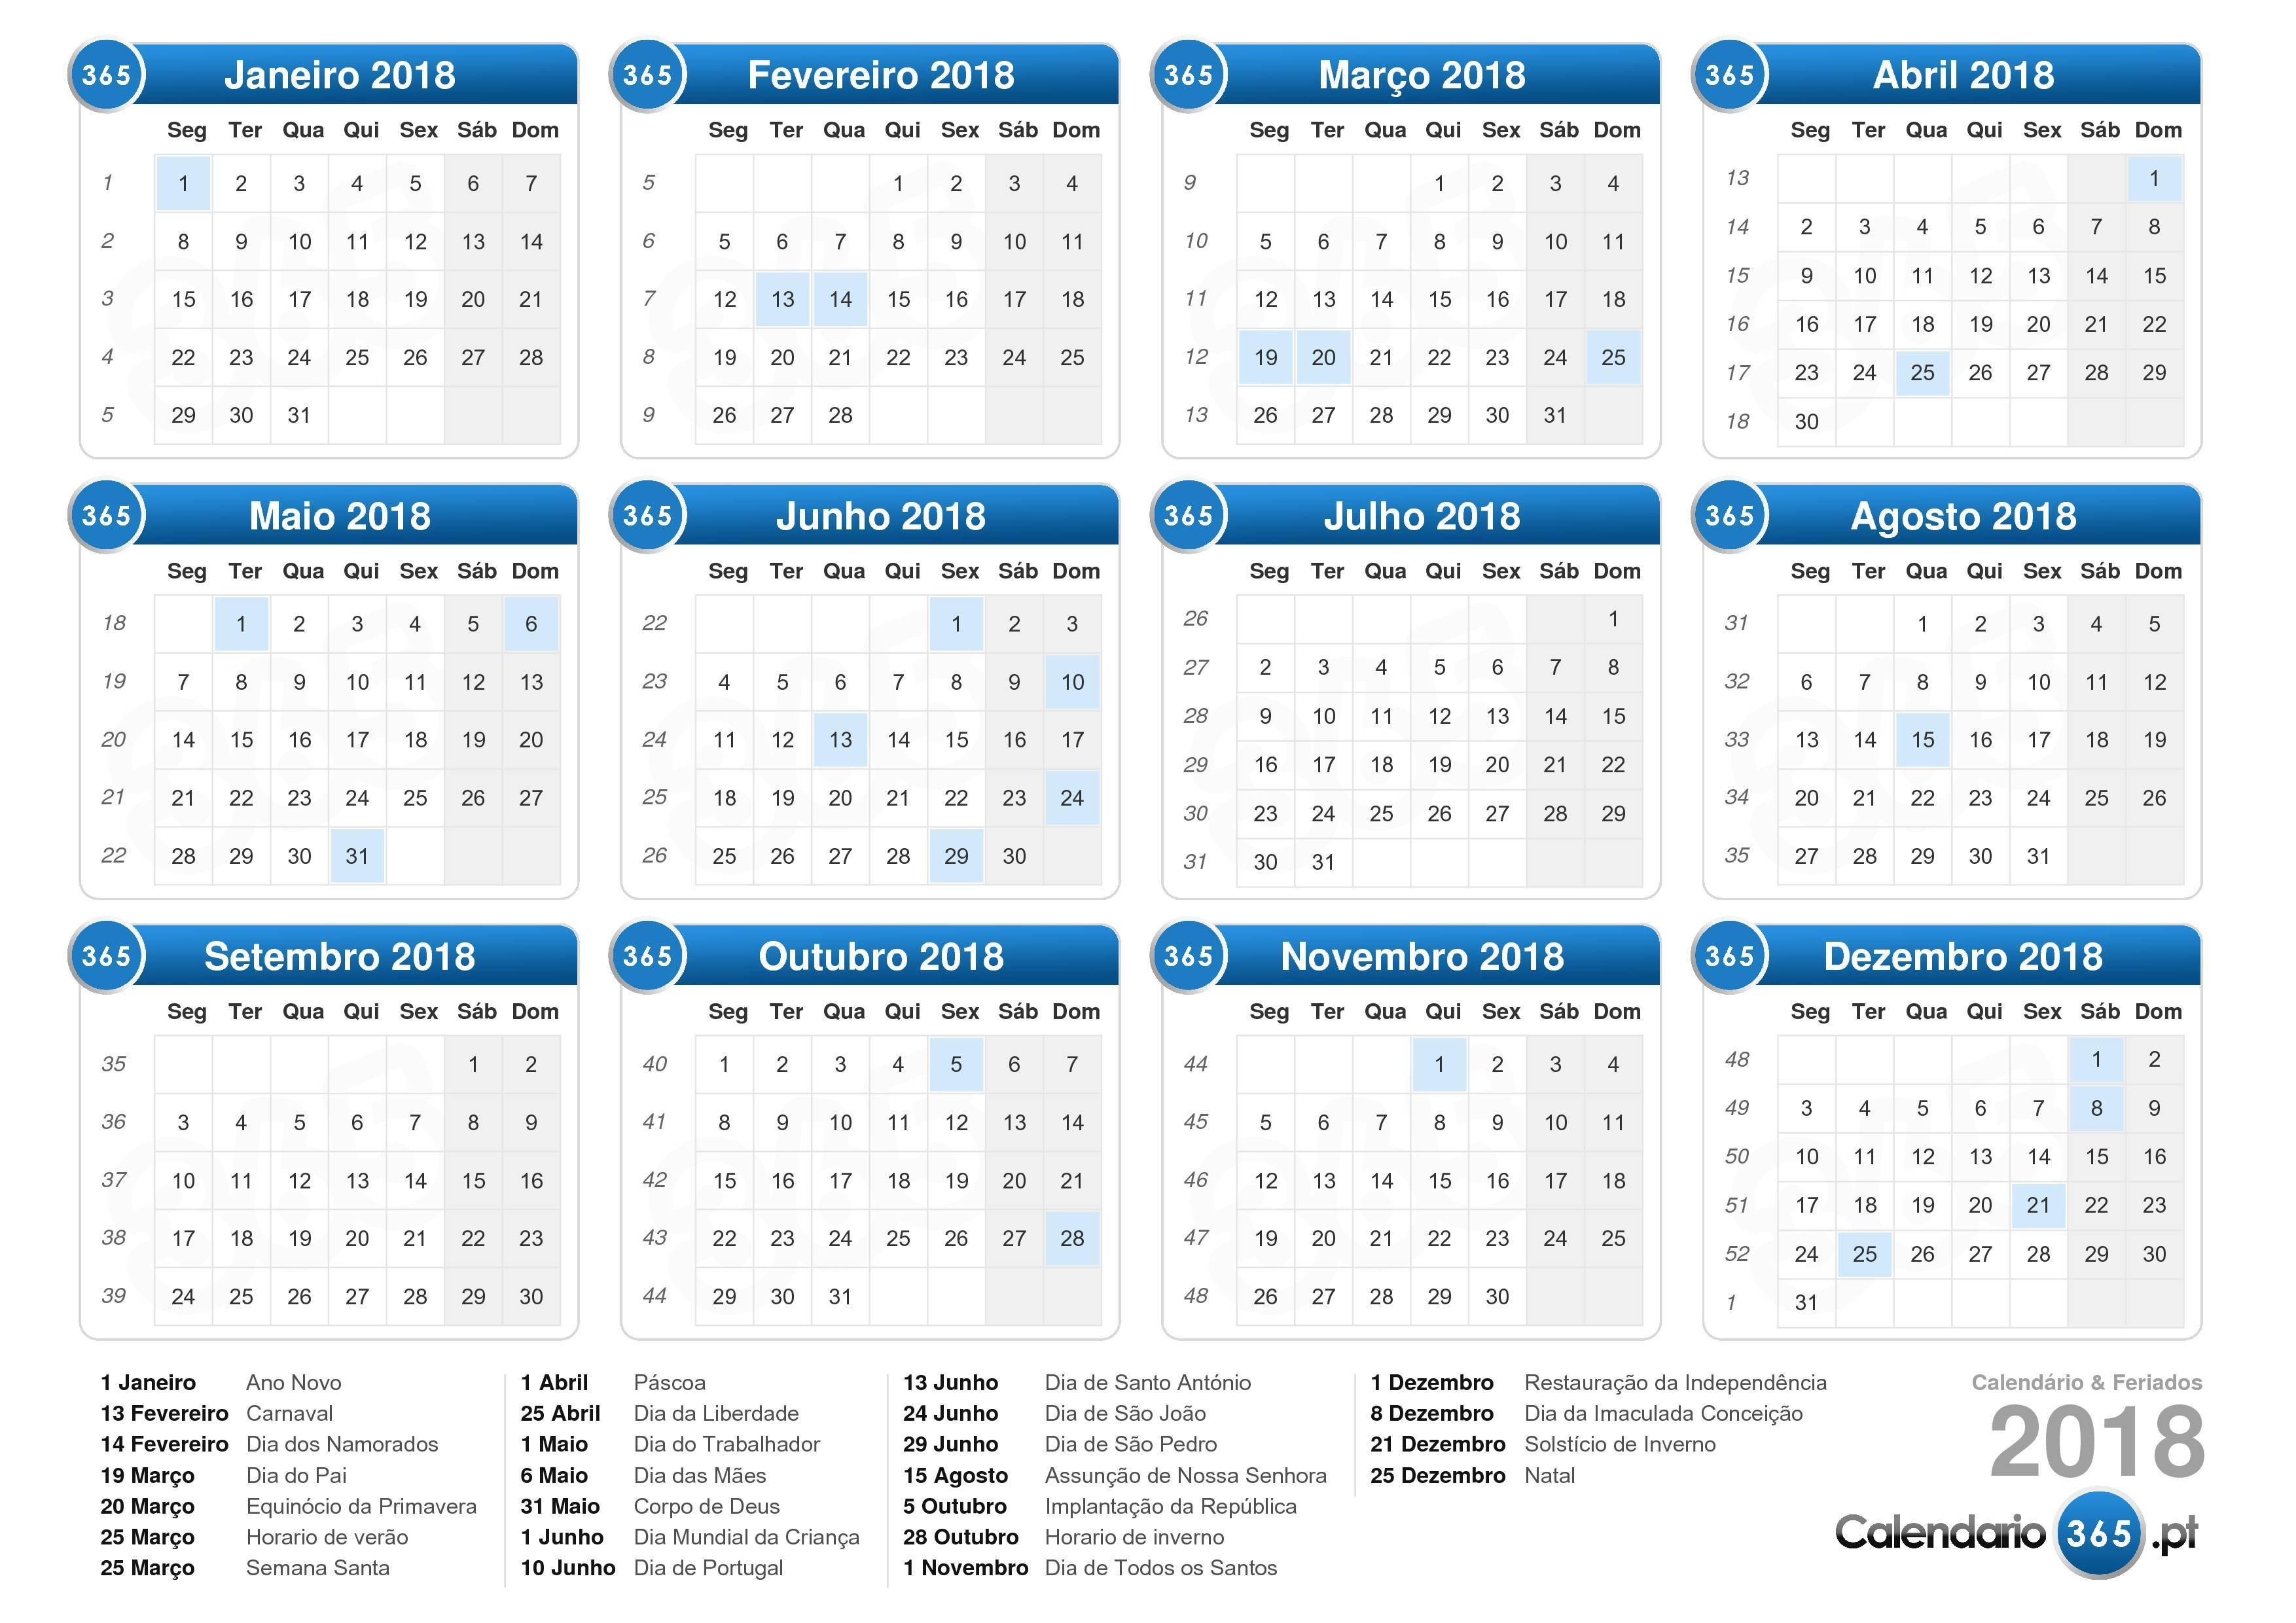 Baixe o calendário feriados 2018 para imprimir